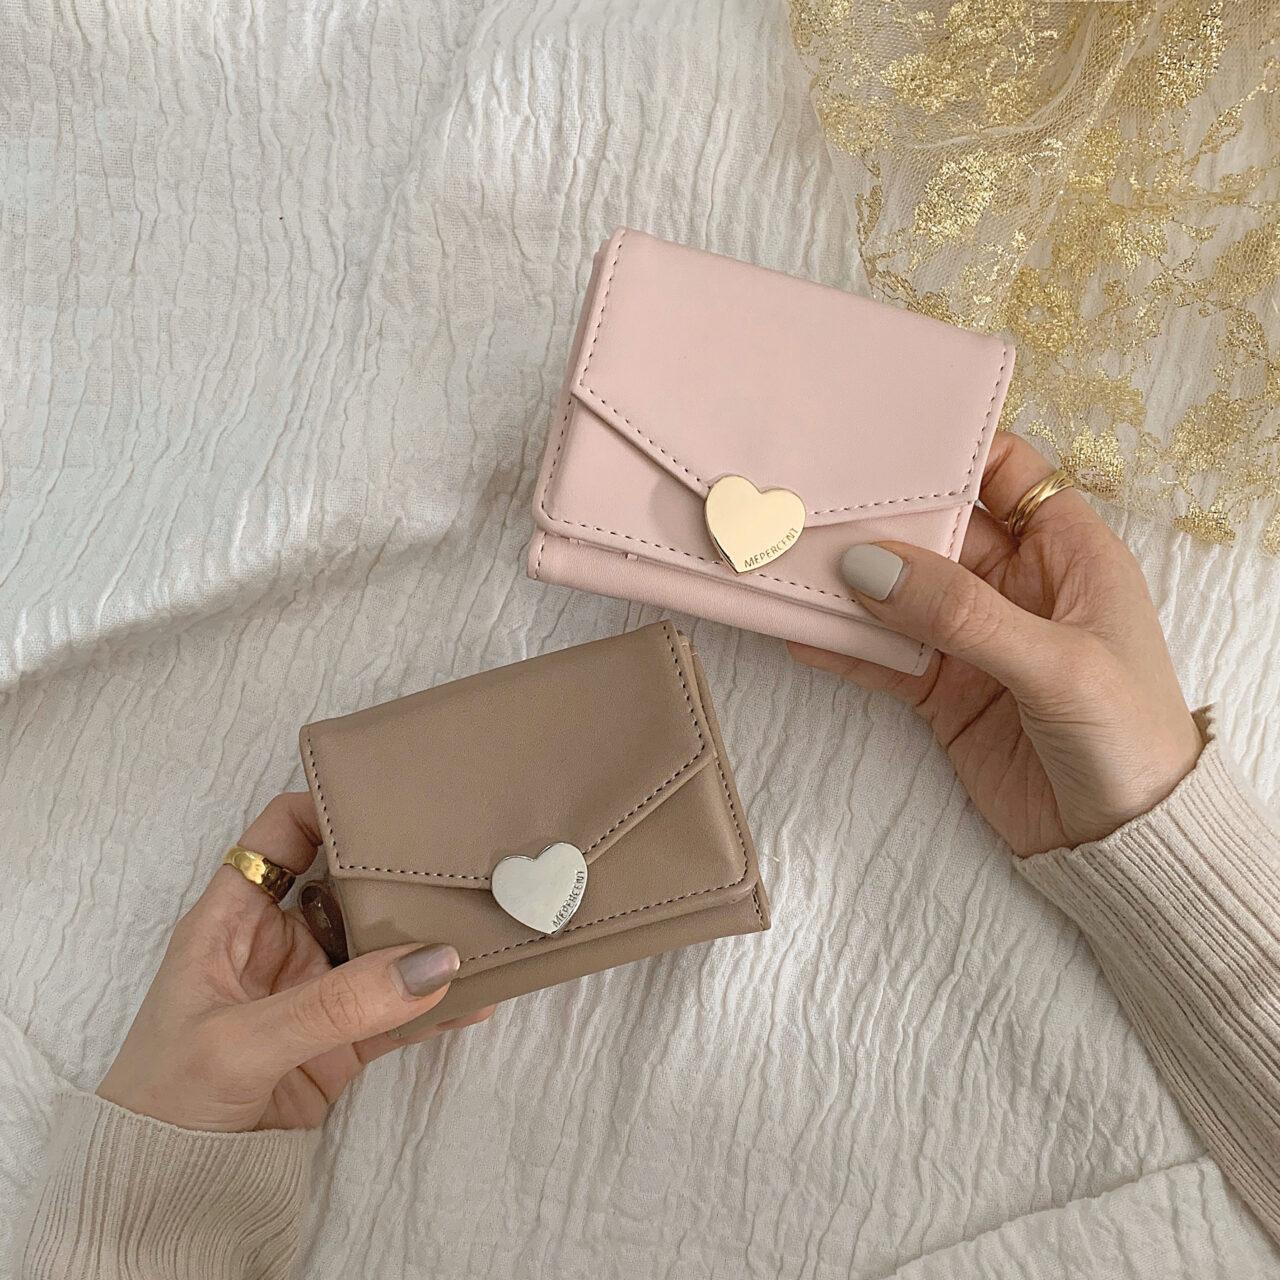 キャッシュレス時代にマストハブ♡¥3,190の指名買いミニ財布でミニマル化計画